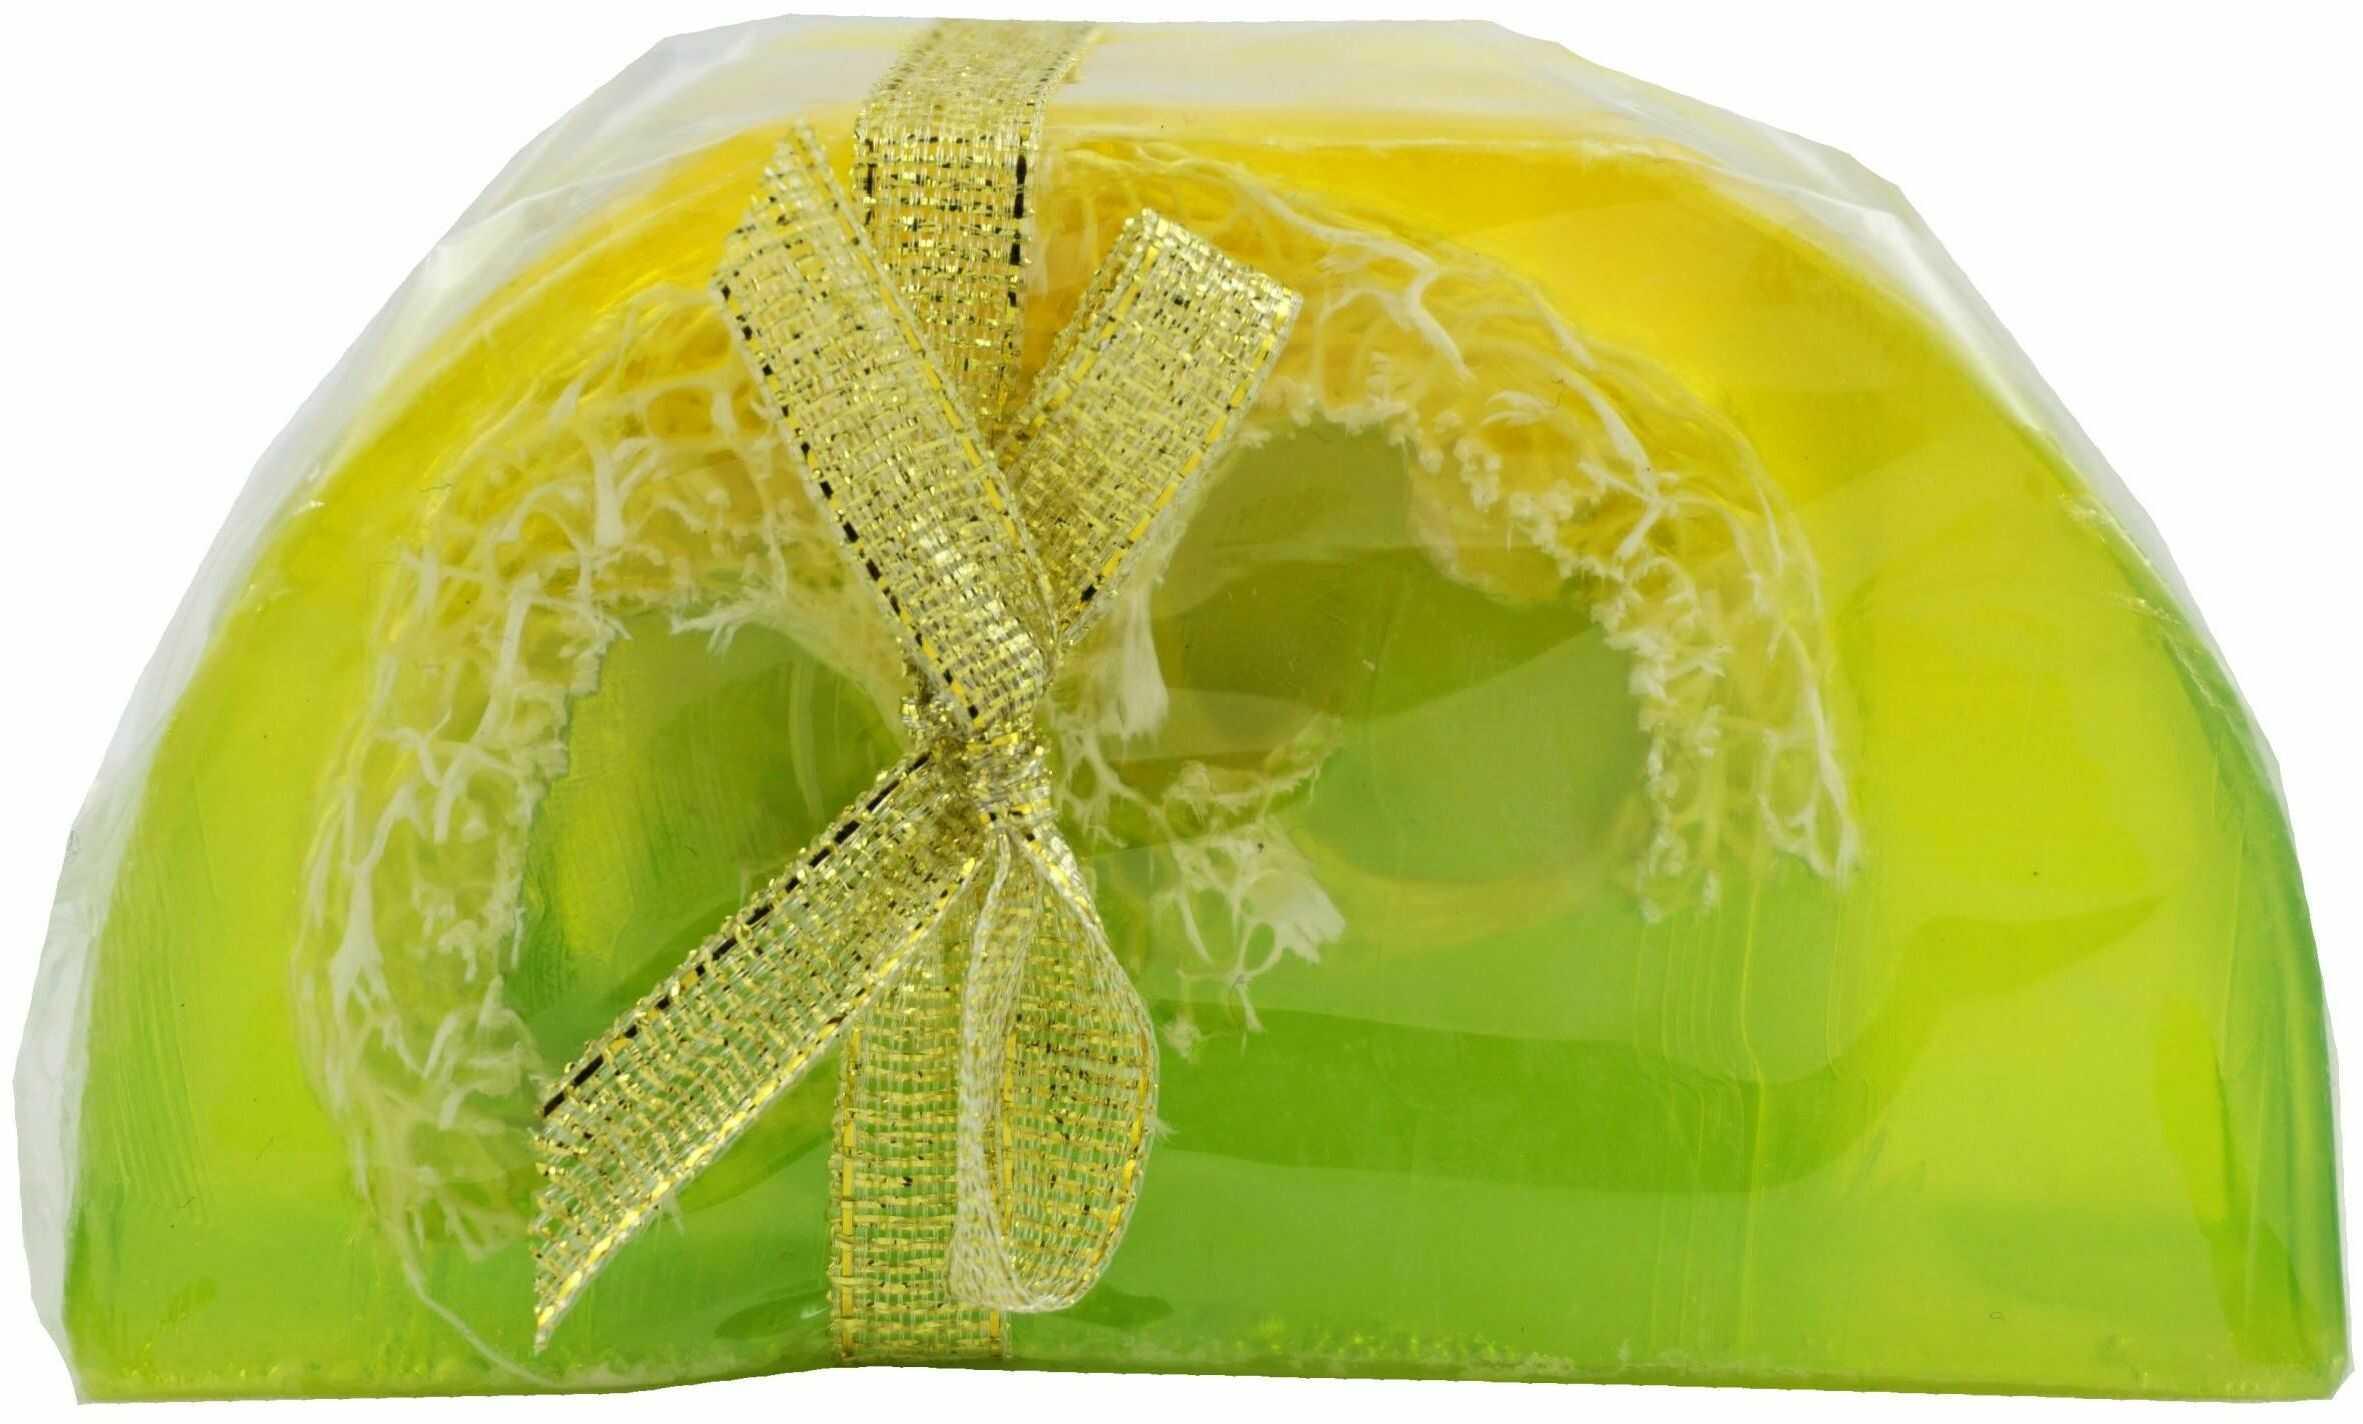 Mydło Glicerynowe z gąbką Loofah - Cytryna & Limonka - 100g - Lavea